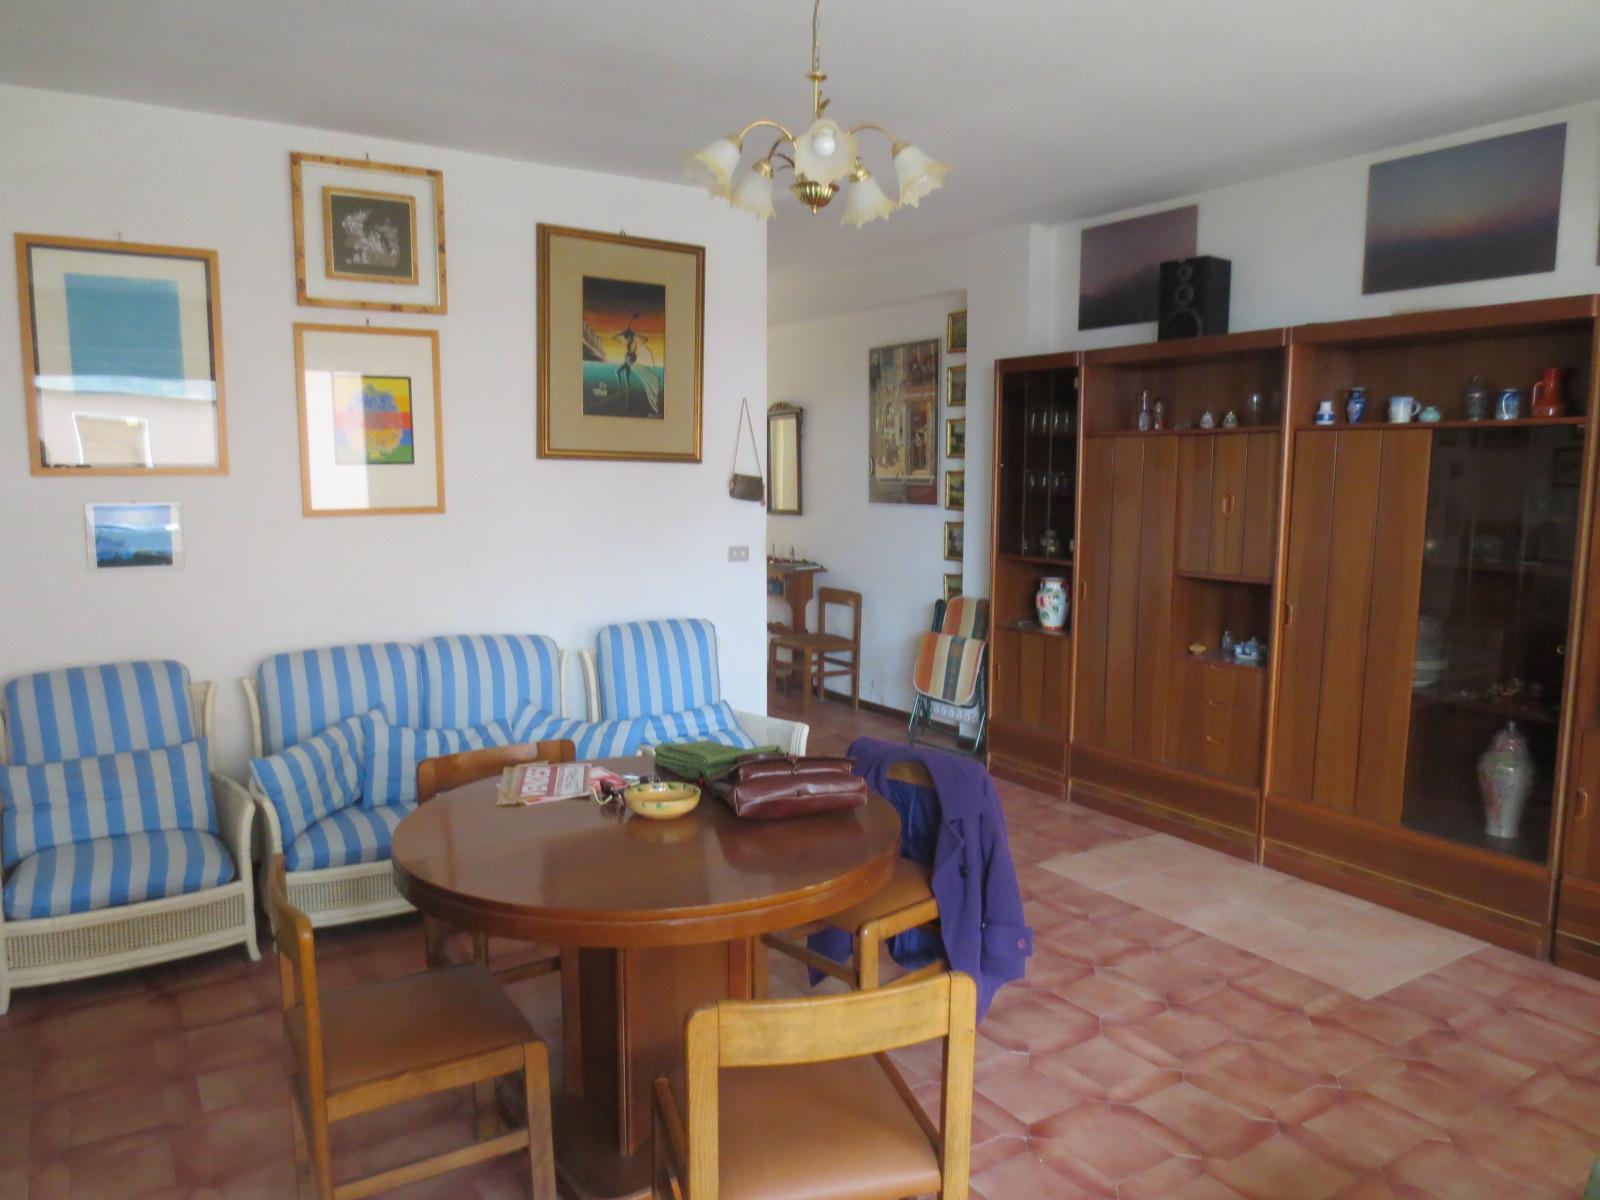 Appartamento in vendita a Folignano, 5 locali, zona Località: VillaPigna, prezzo € 155.000   PortaleAgenzieImmobiliari.it